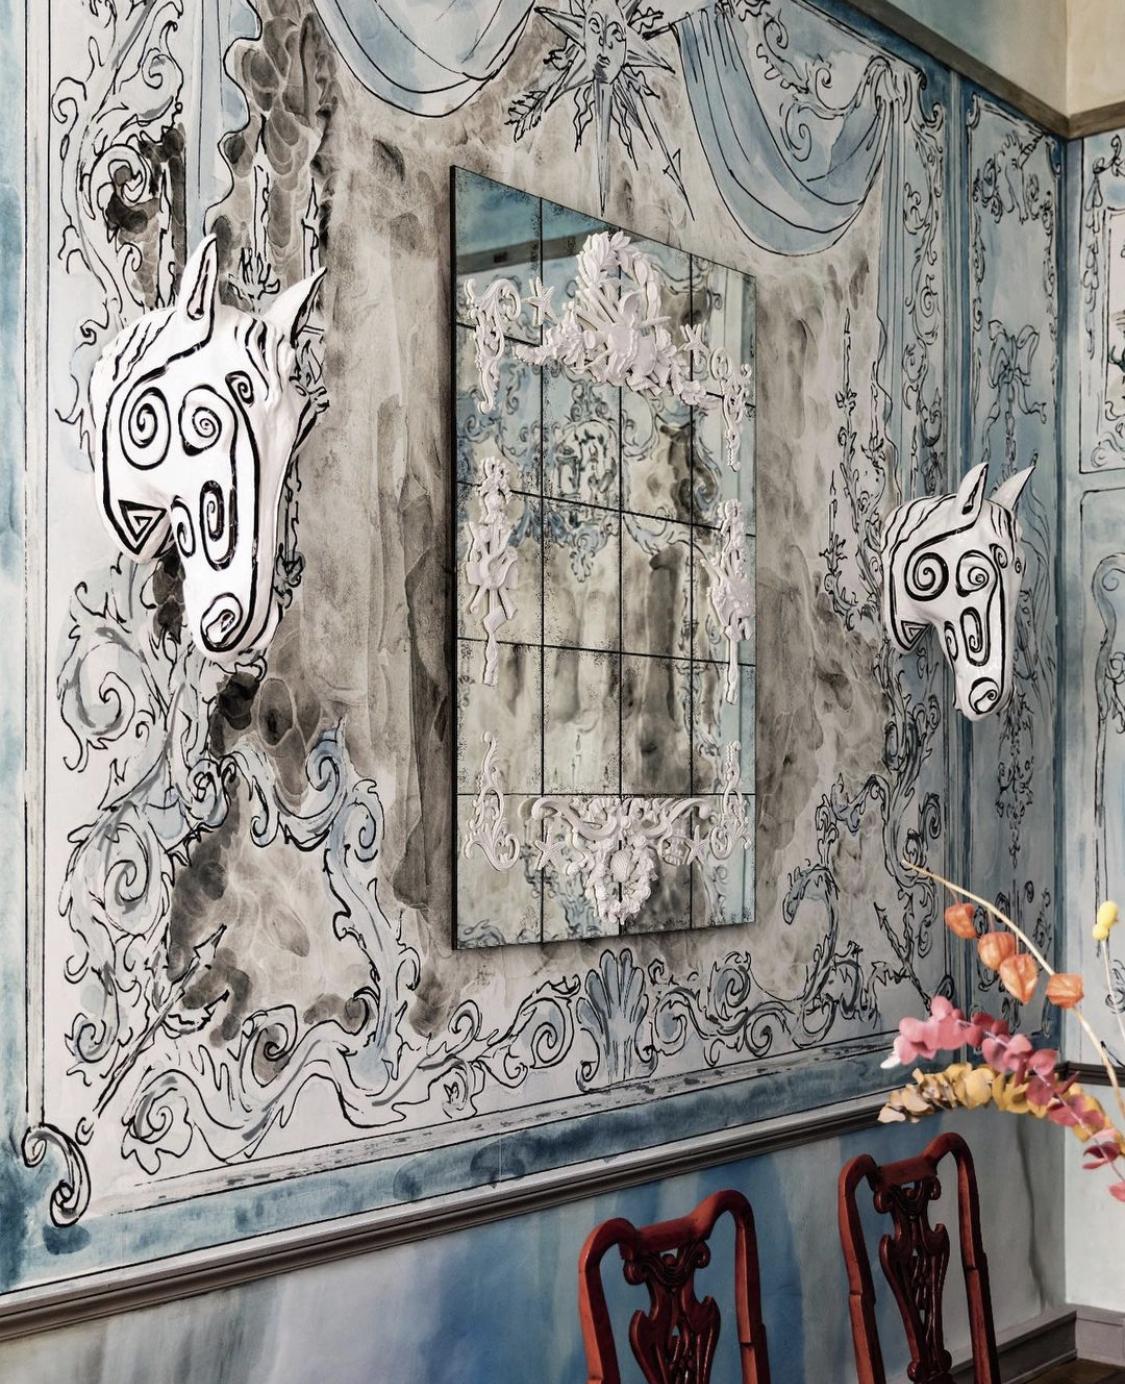 Tête de cheval Vincent Darré dans décor copiright instagram Vincent Darré